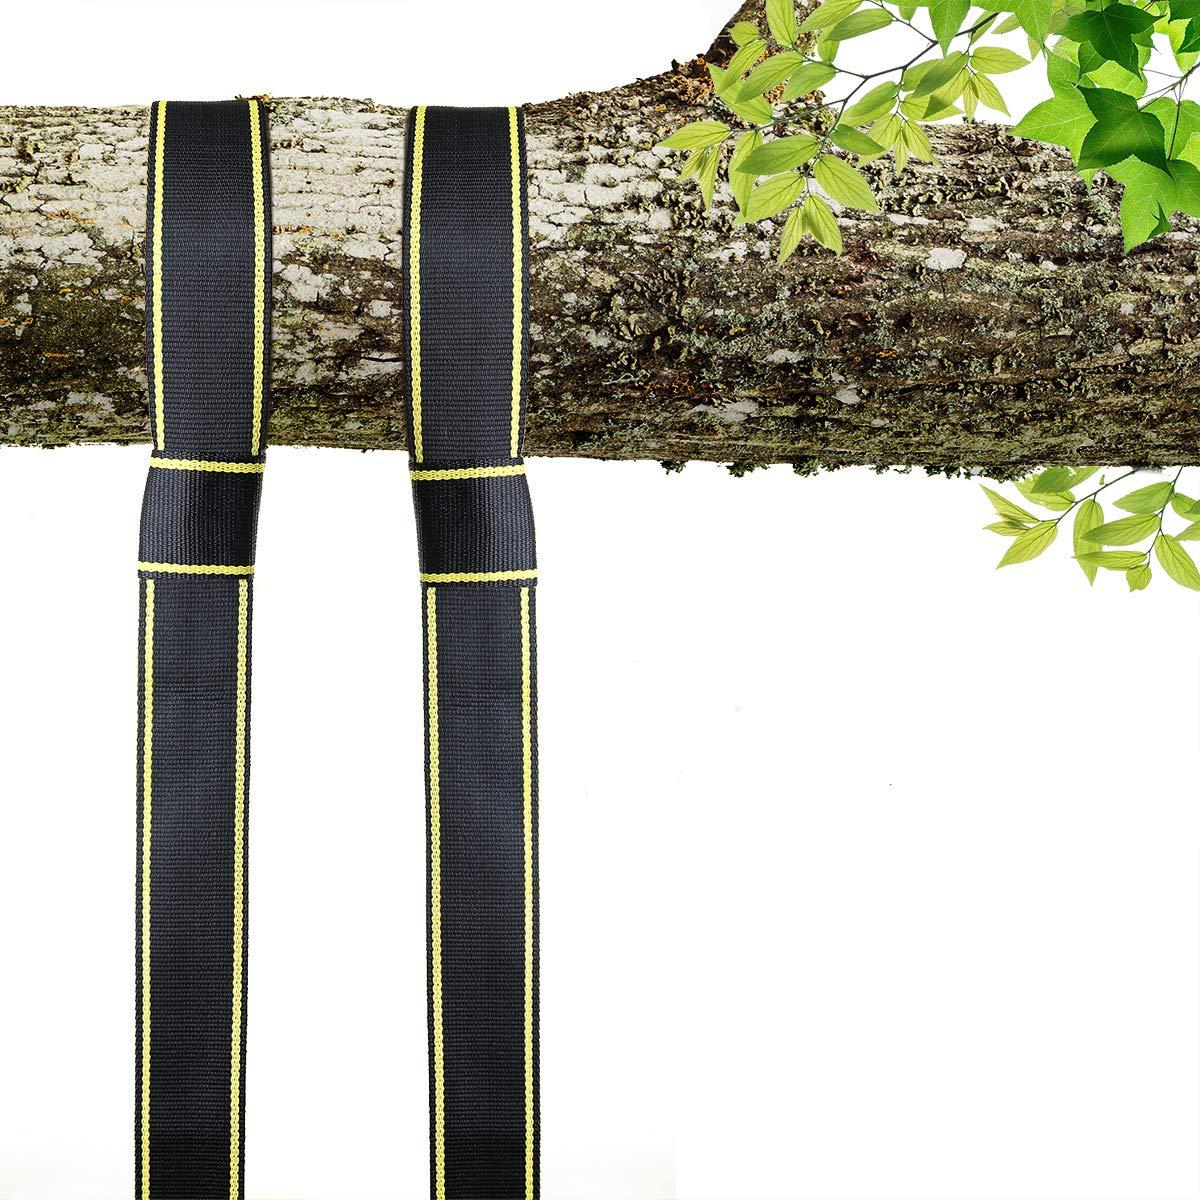 EKKONG Hamac Sangles, Set de Suspension Kit de Fixation pour Balançoire 1 Paire de Sangle de Fixation Balançoire en Nylon 150 cm * 5 cm, Adapté aux Hamacs sur Arbre